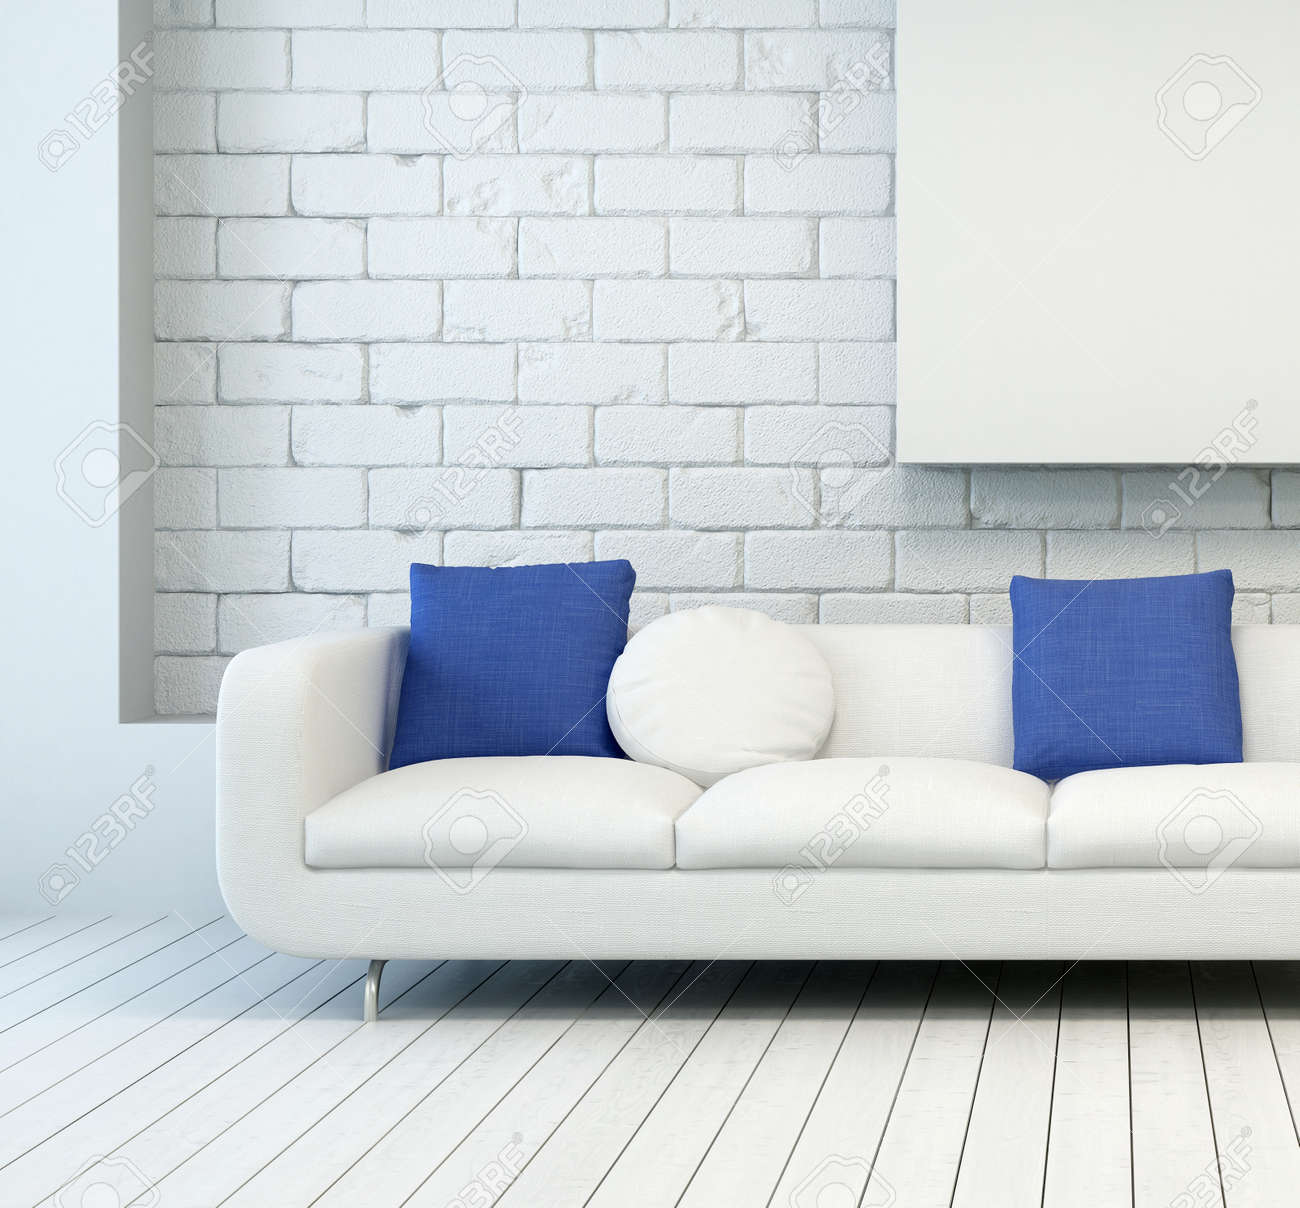 Standard Bild   Weiße Couch Mit Weißen Und Blauen Kissen An Architectural  Wohnzimmer Mit Weißen Wand Und Bodenbelag.